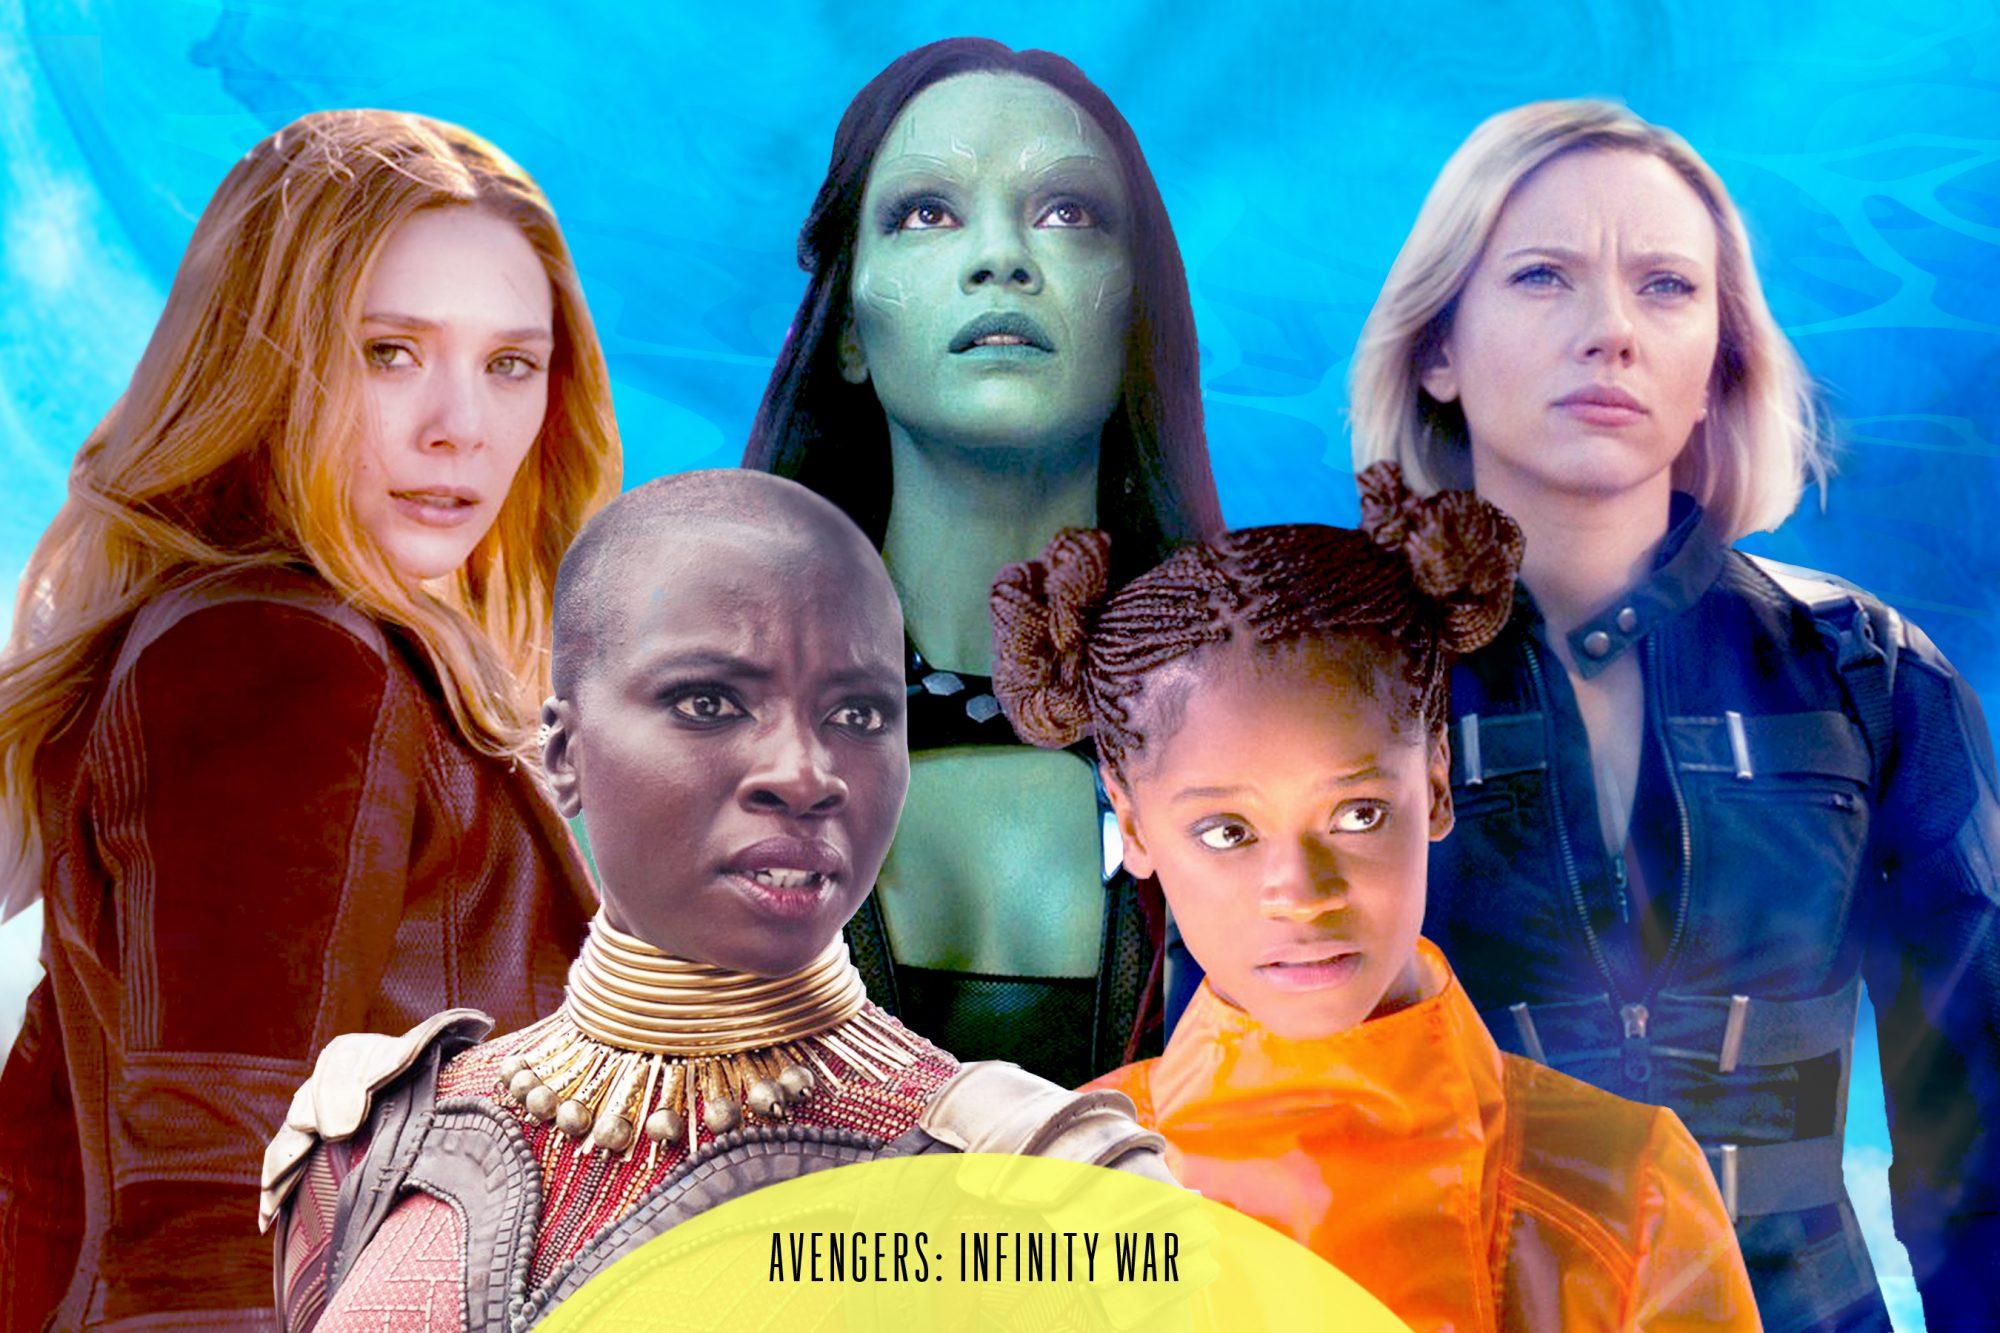 Scarlet Witch, Gamora, Black Widow, Shuri, and Okoye